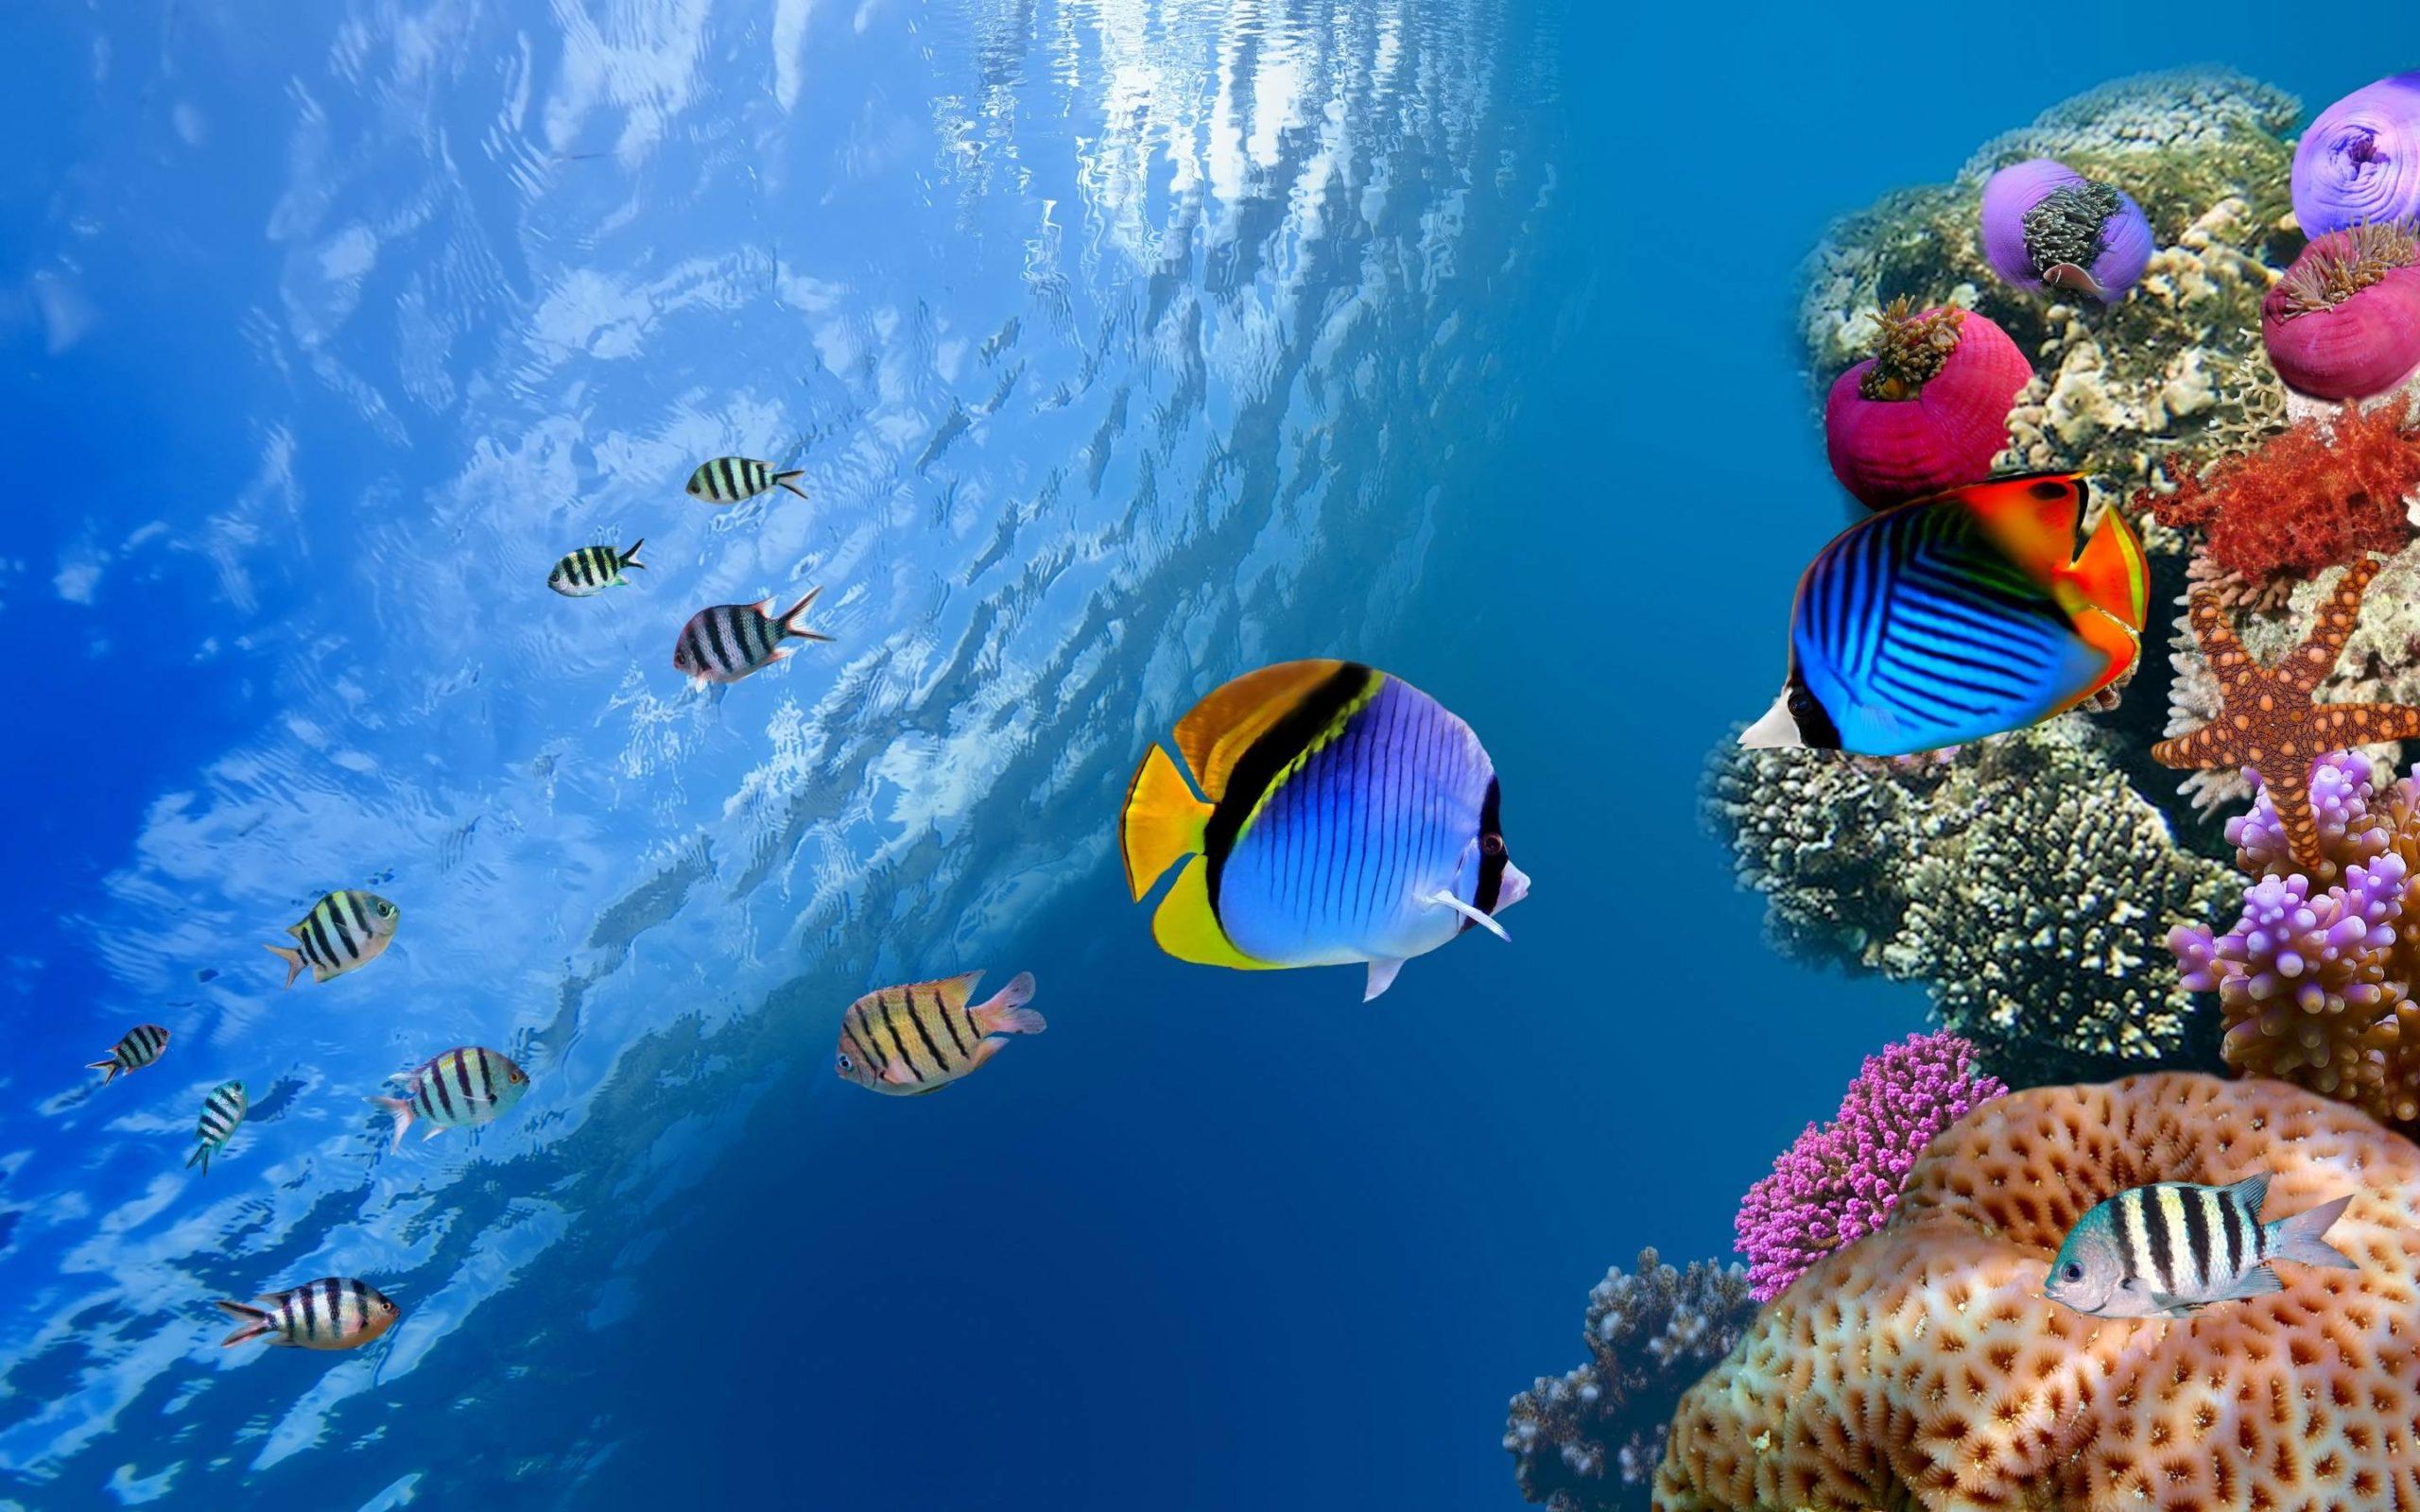 ocean underwater pictures